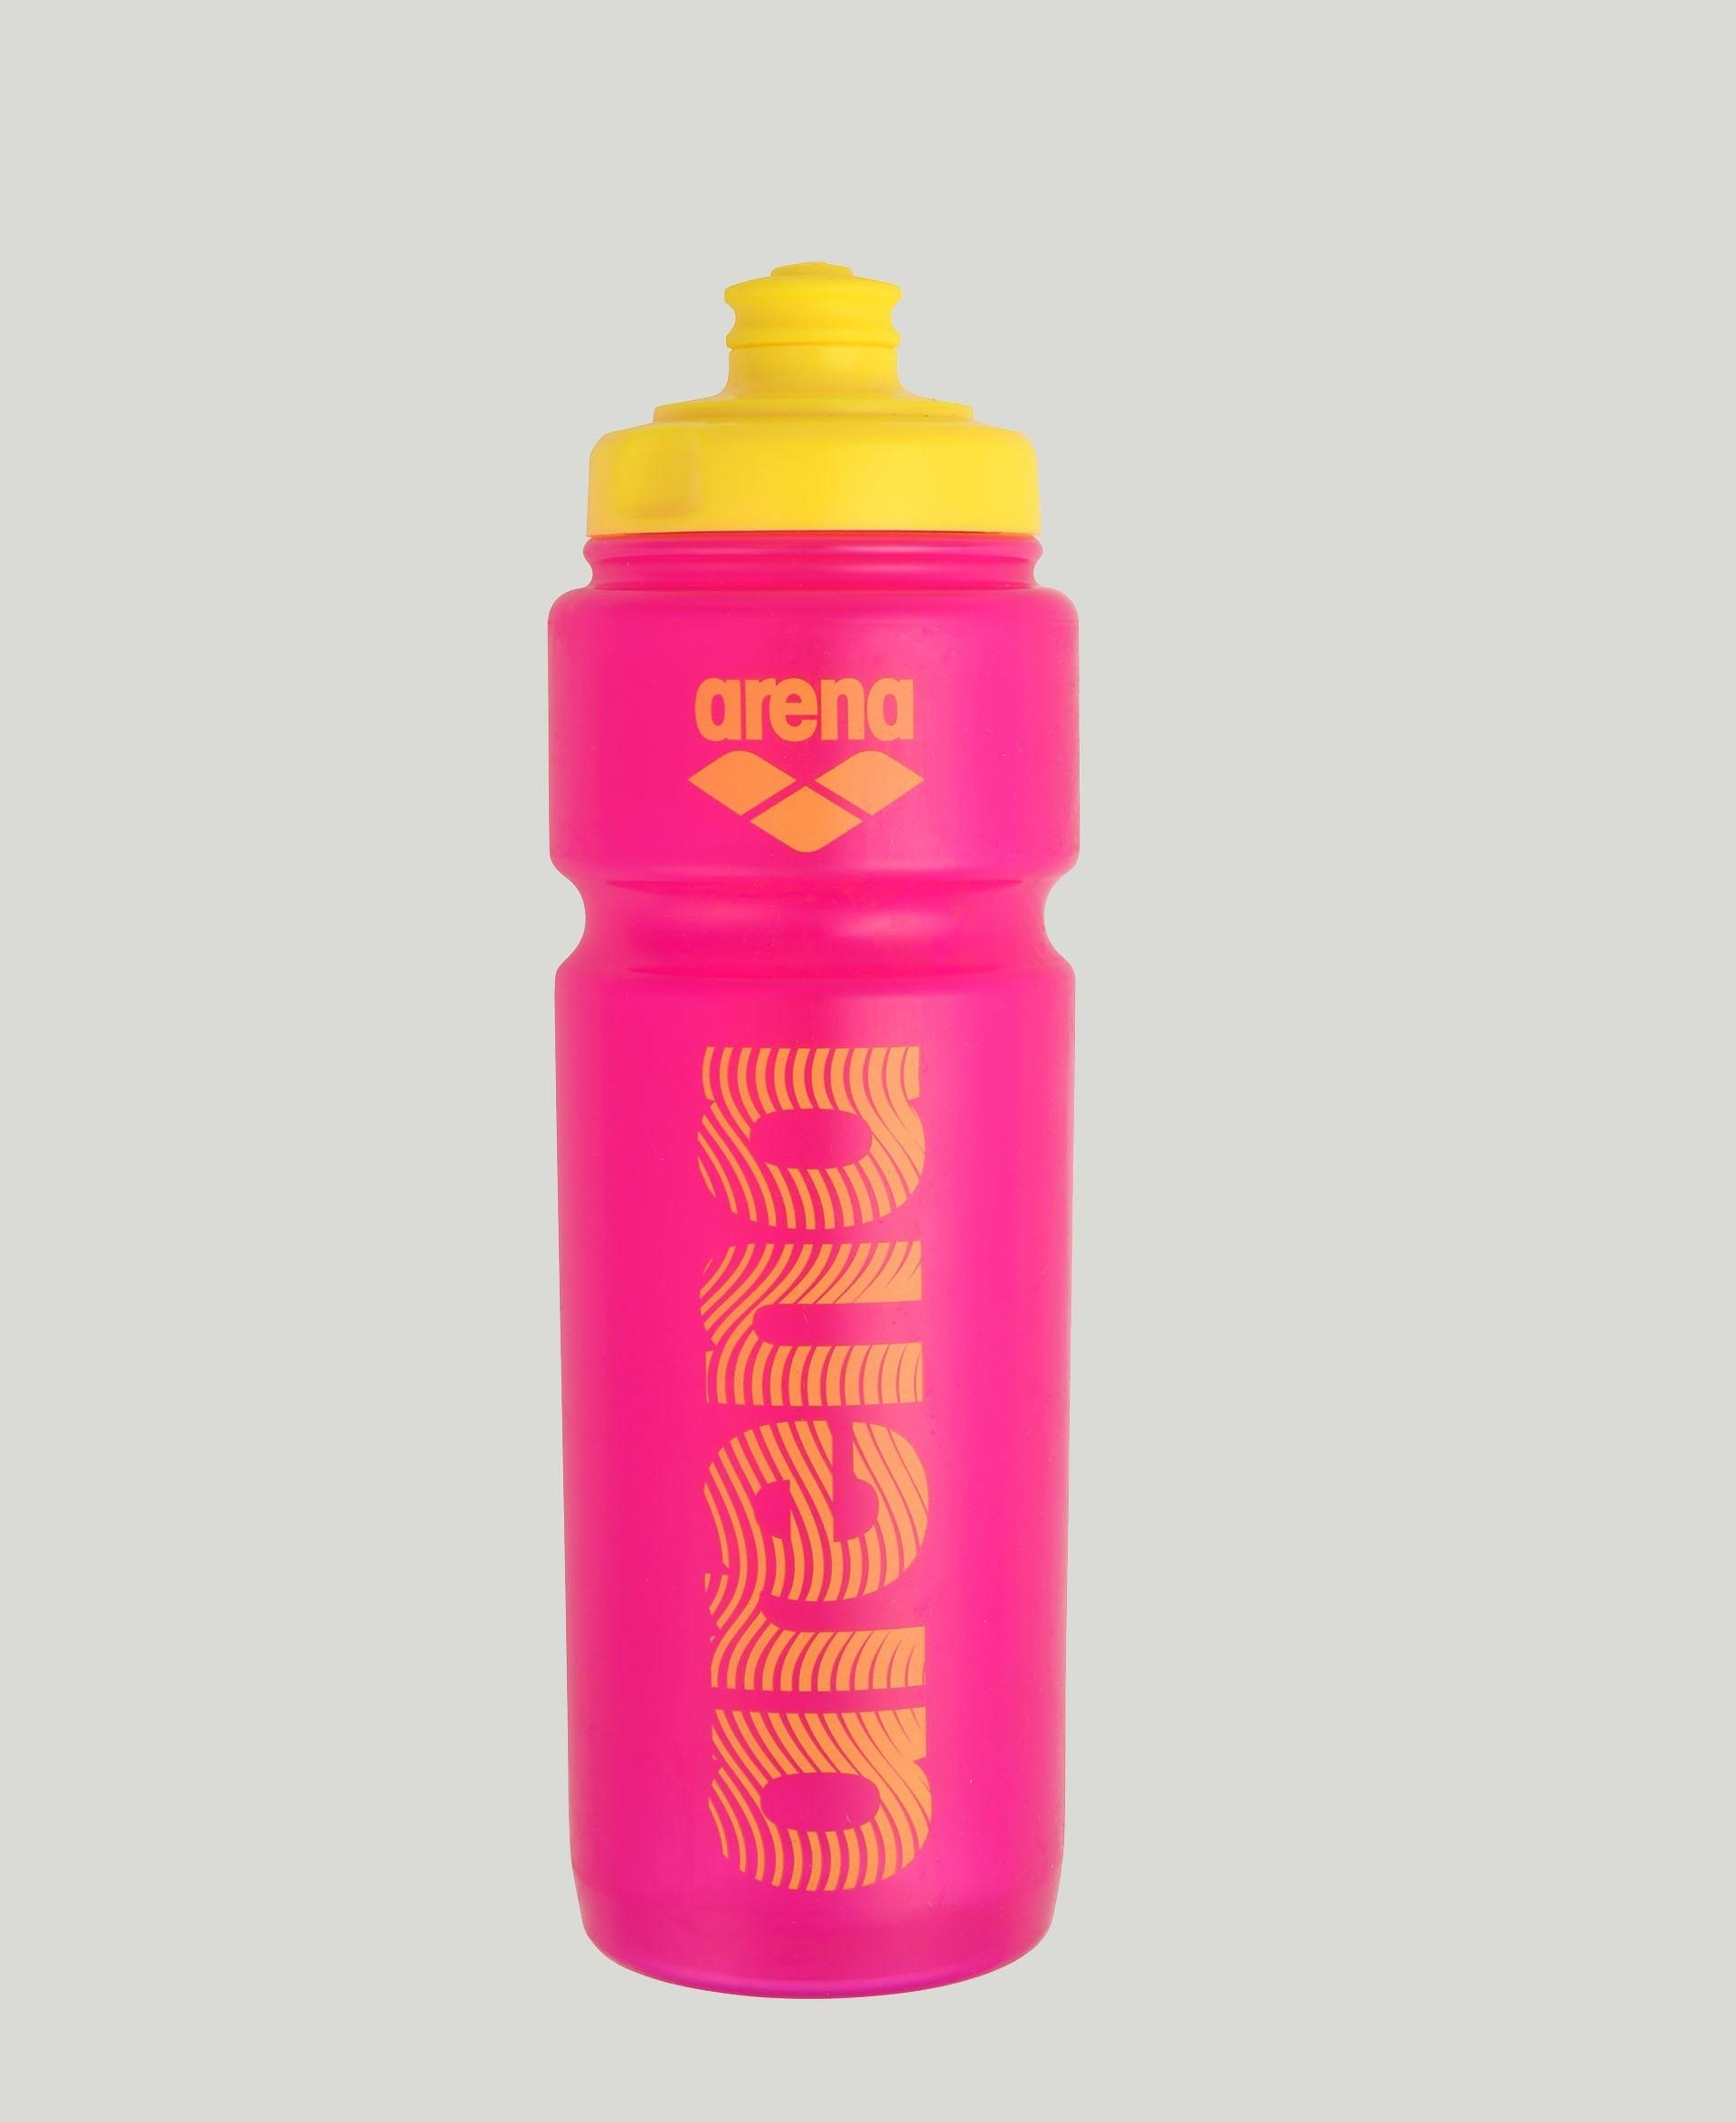 arena Sport Trinkflasche